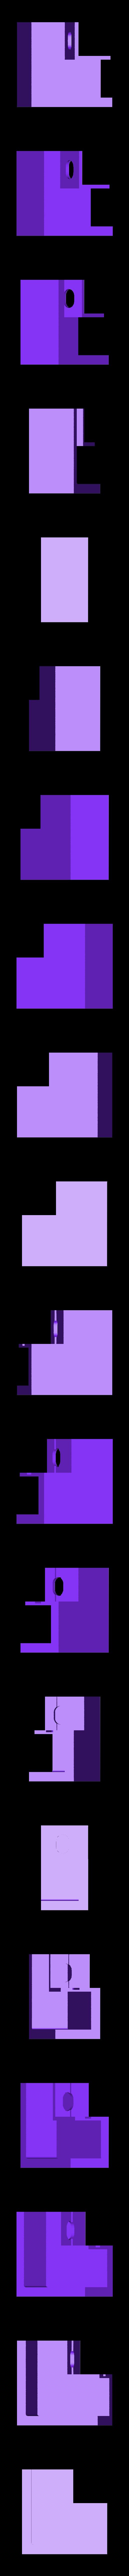 Corner.stl Télécharger fichier STL gratuit CoreXY by Tila3d • Design imprimable en 3D, tila3d